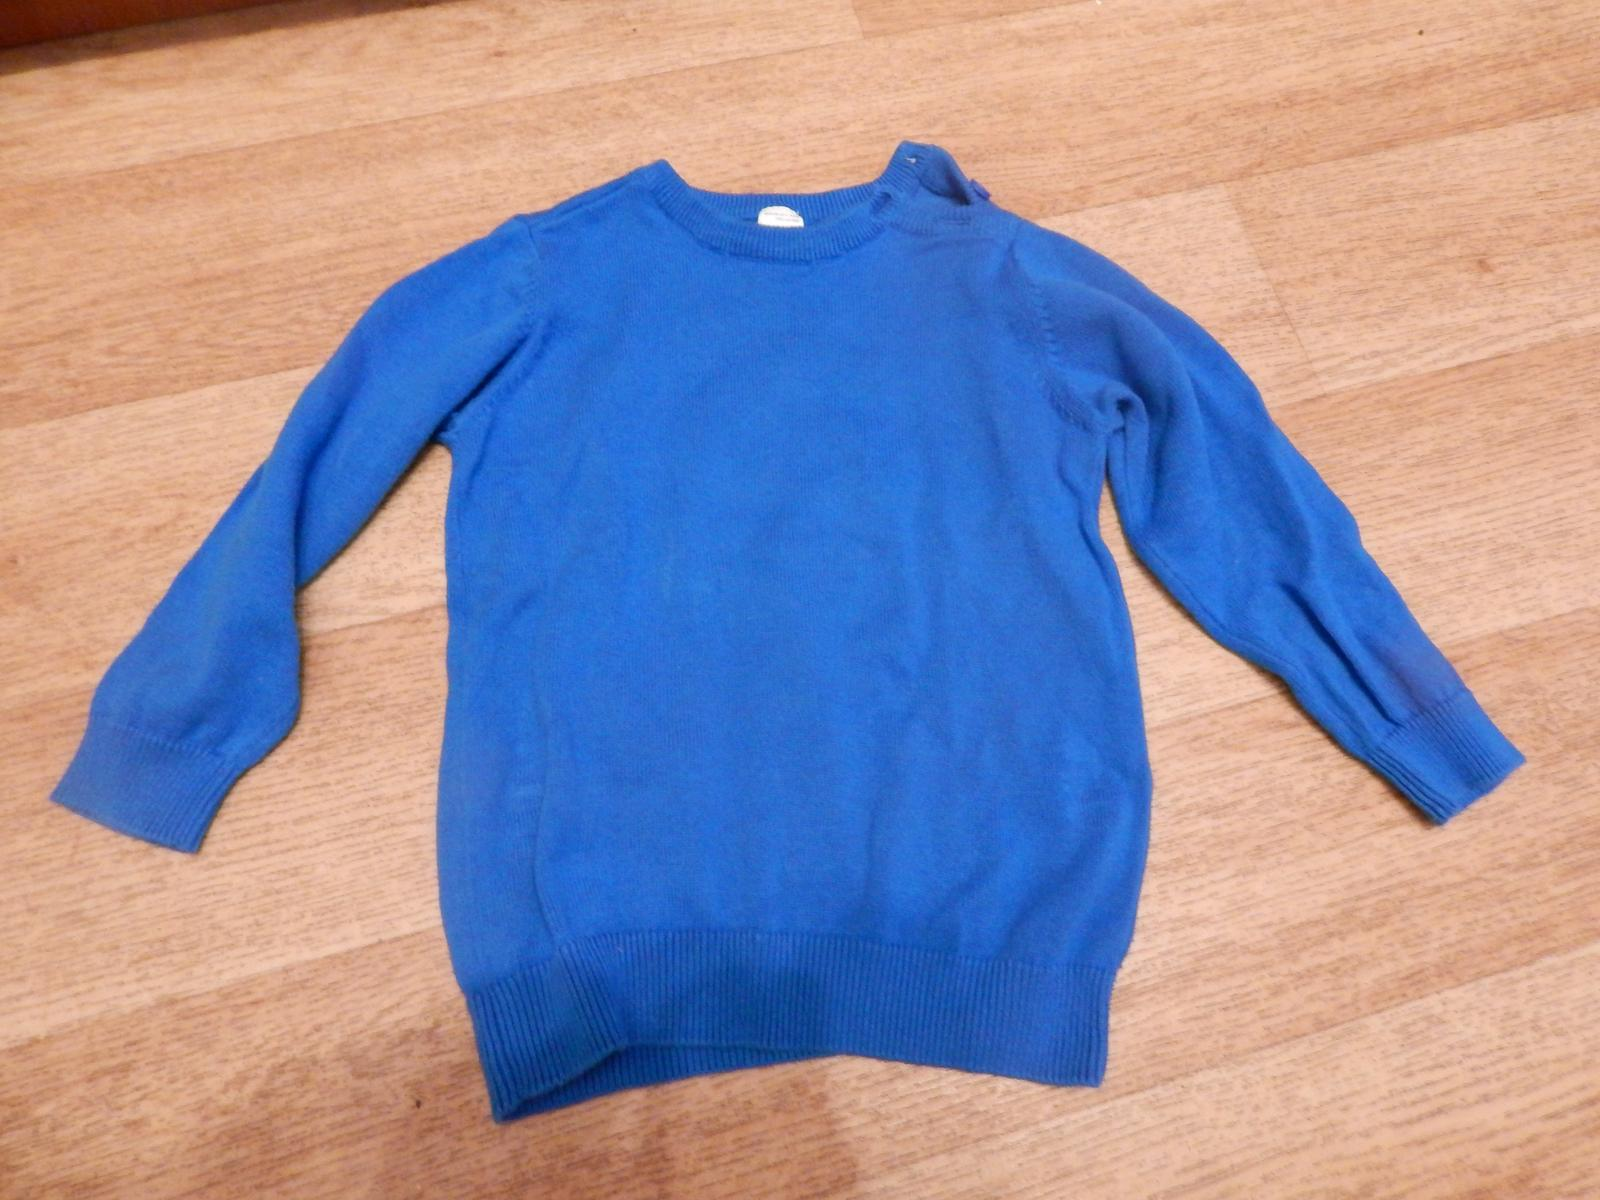 Modrý svetr - Obrázek č. 1